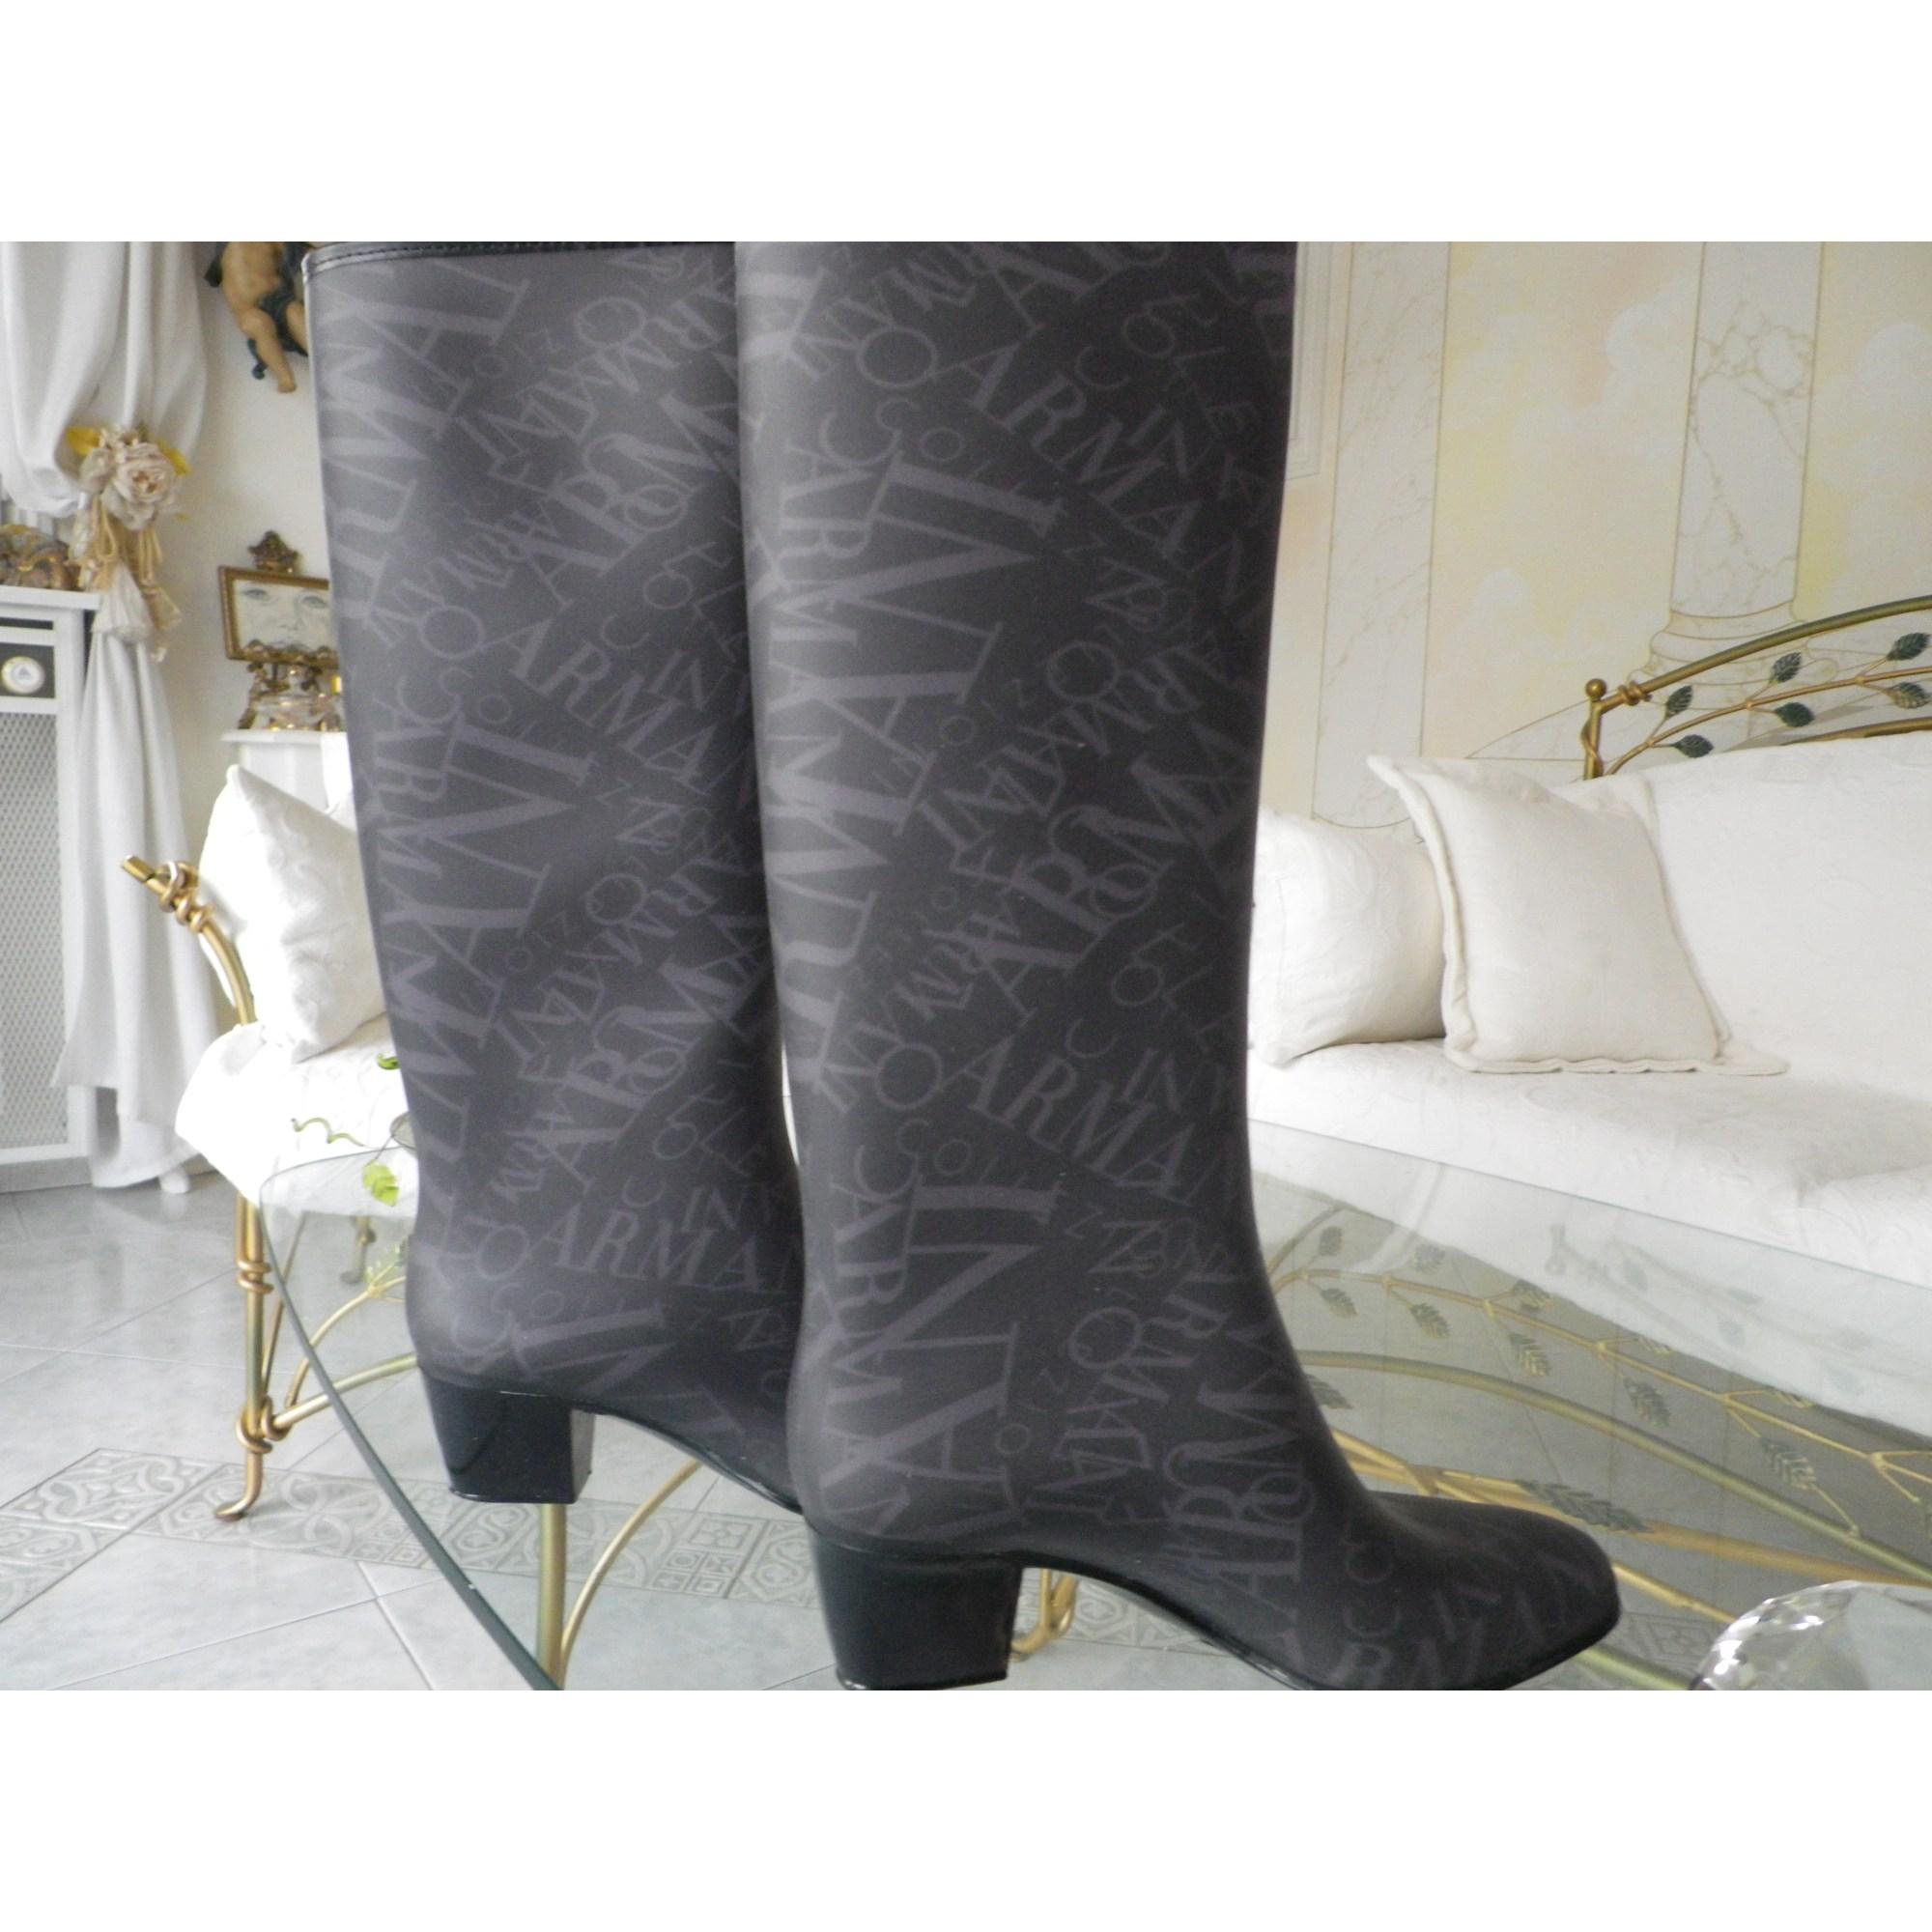 da9f1126829fd9 Bottes de pluie ARMANI 38 gris vendu par Pierrette 8145281 - 2523725